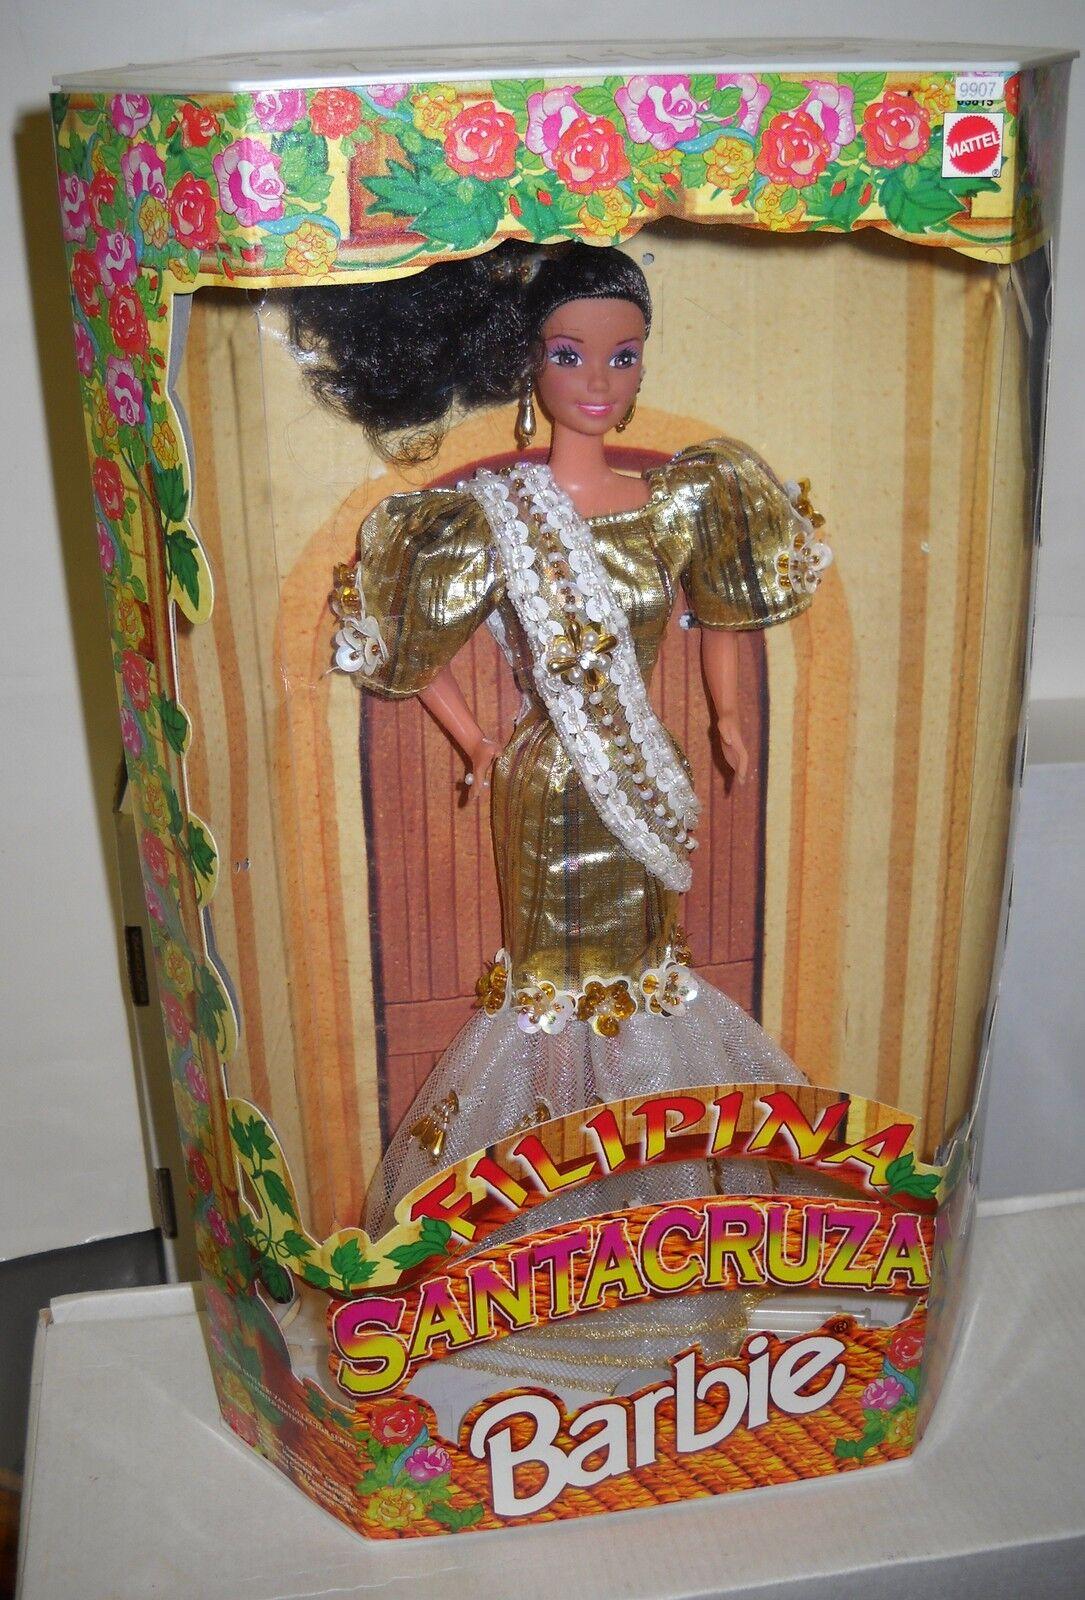 Nunca quitado de la Caja Mattel Filipinas filipina santacruzan Reyna diferentes Barbie